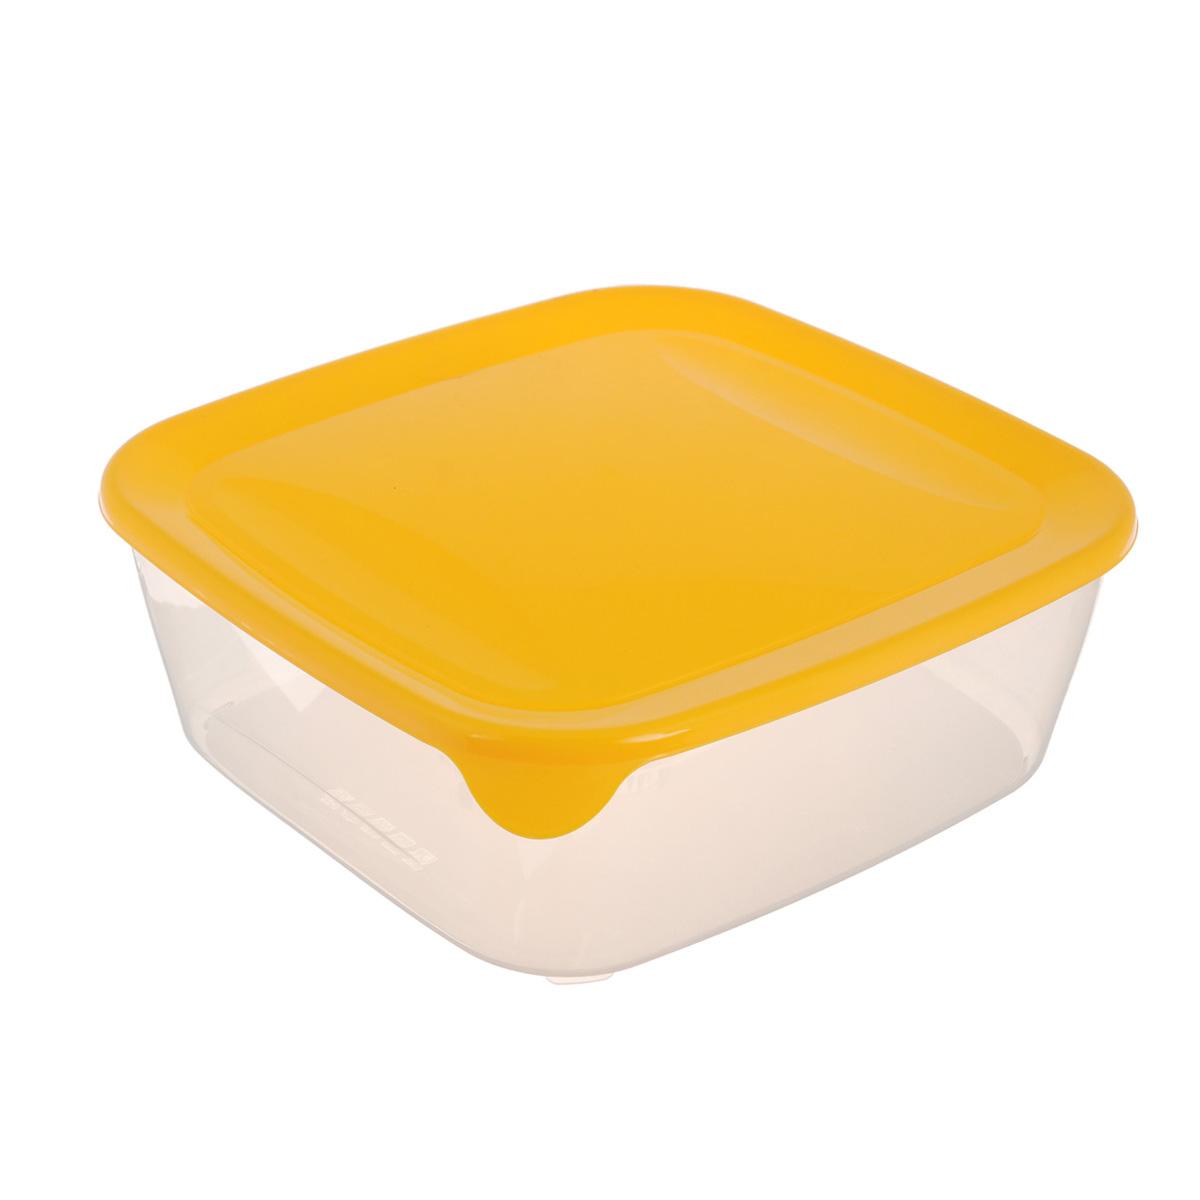 """Квадратная емкость для заморозки и СВЧ """"Curver"""" изготовлена из высококачественного пищевого пластика (BPA free), который выдерживает температуру от -40°С до +100°С. Стенки емкости прозрачные, а крышка цветная. Она плотно закрывается, дольше сохраняя продукты свежими и вкусными. Емкость удобно брать с собой на работу, учебу, пикник или просто использовать для хранения пищи в холодильнике. Можно использовать в микроволновой печи и для заморозки в морозильной камере. Можно мыть в посудомоечной машине."""